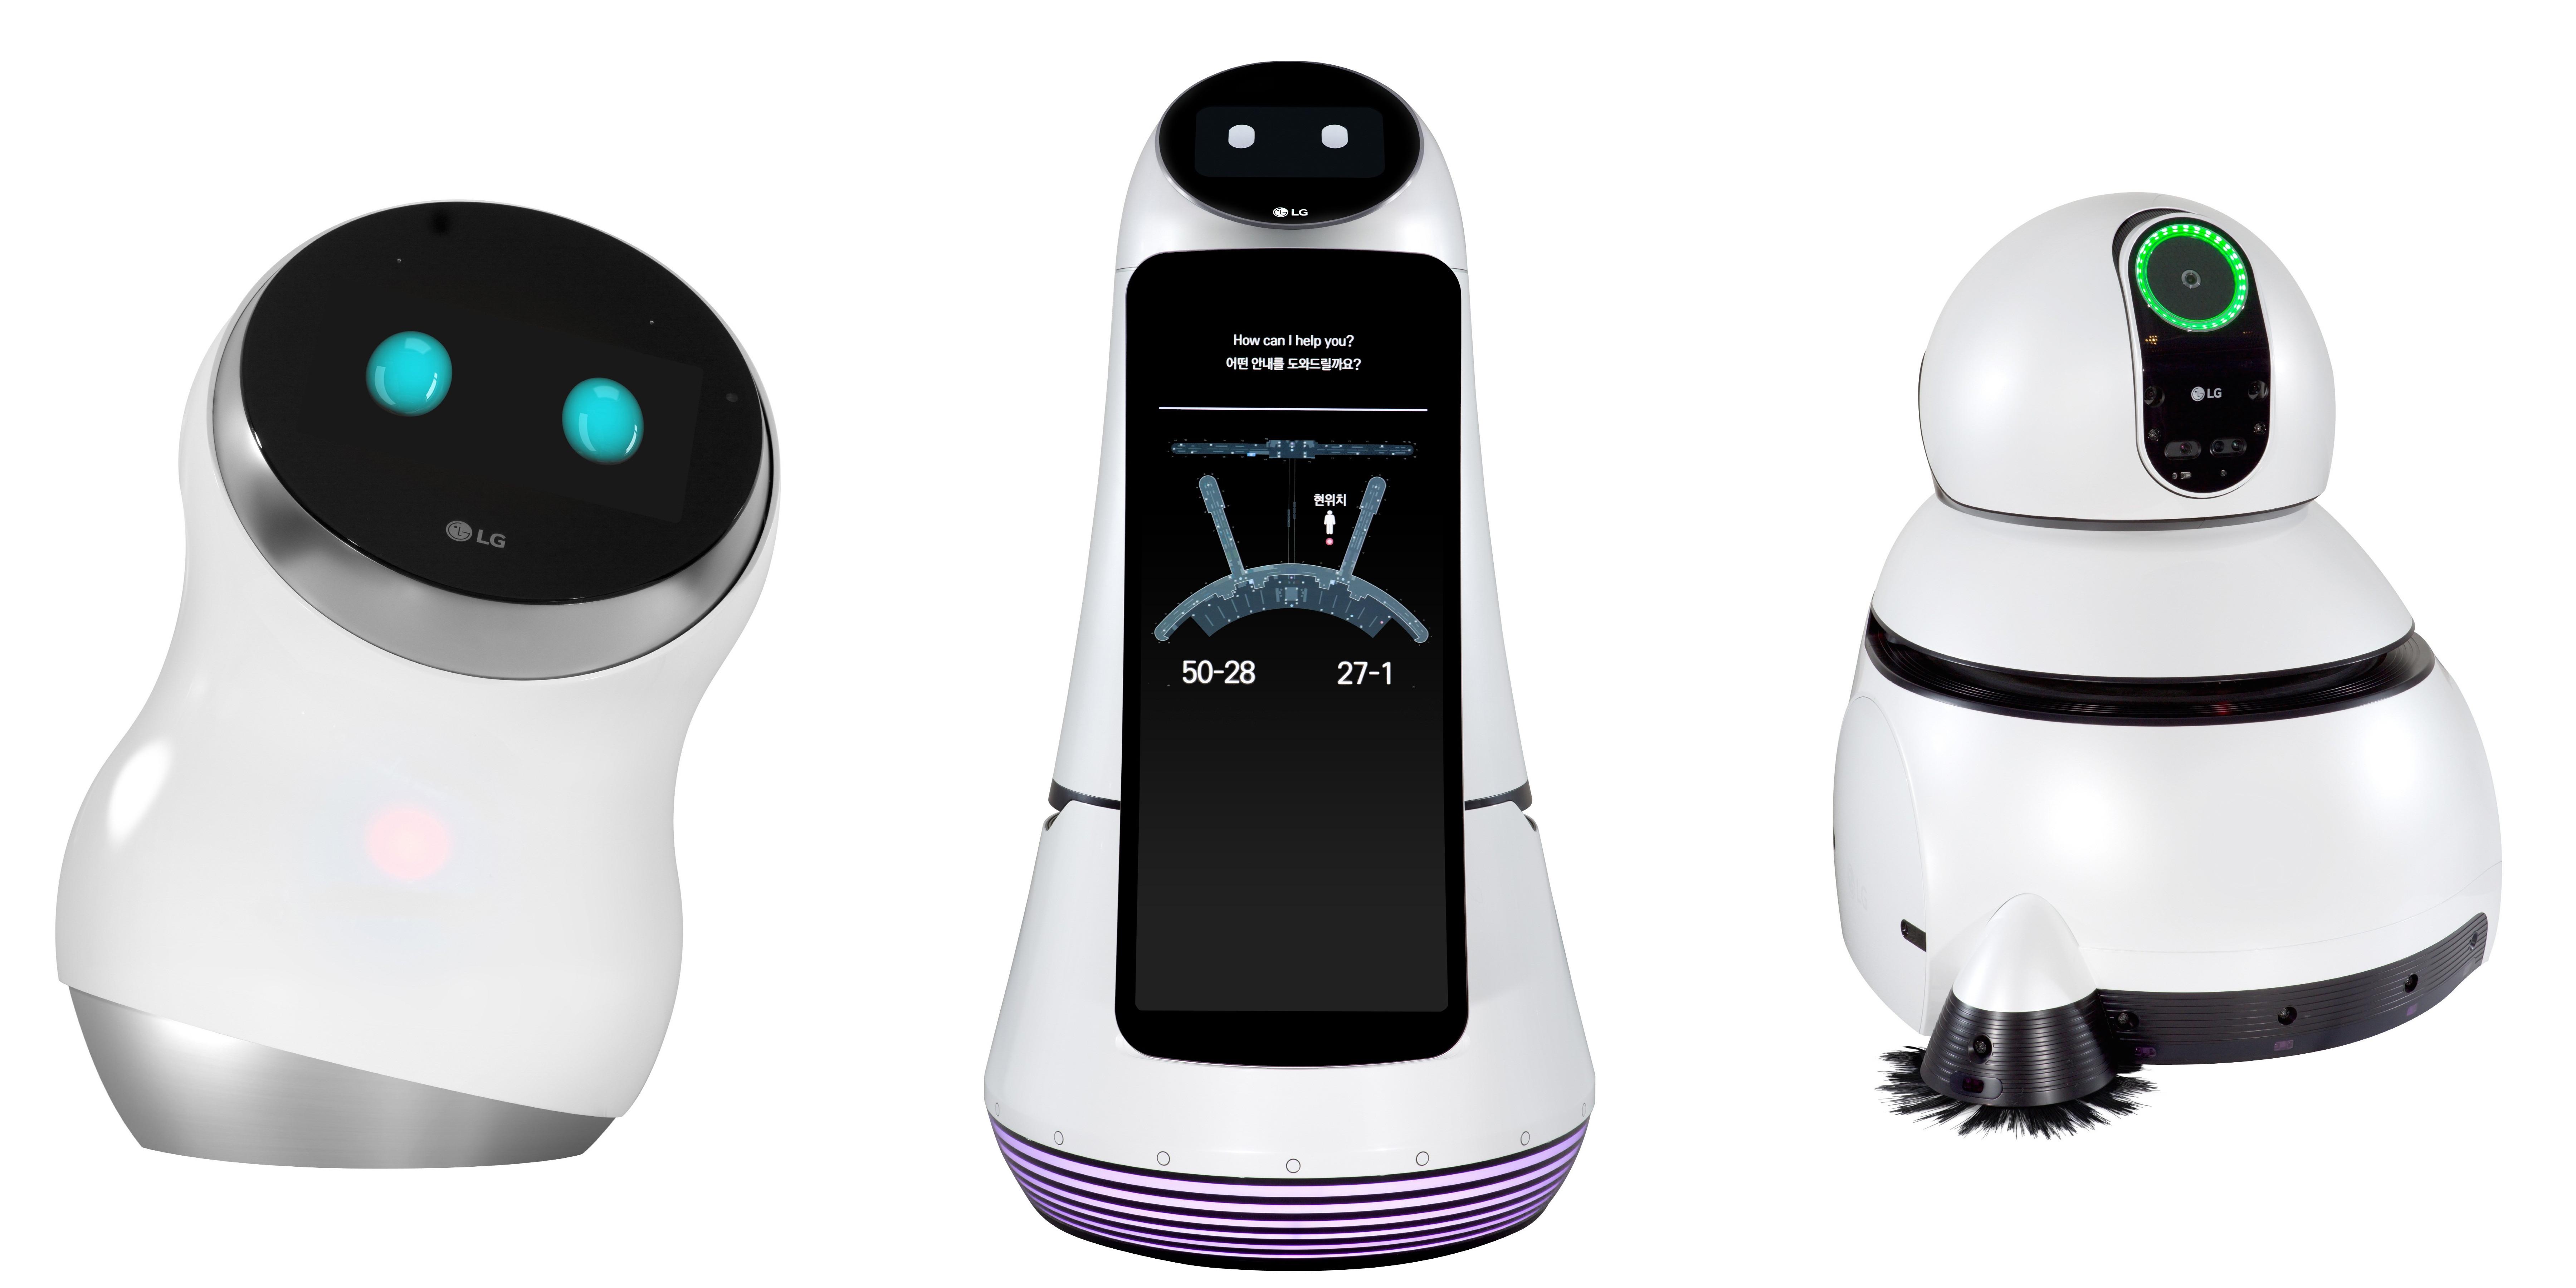 lg-robots-ces-01